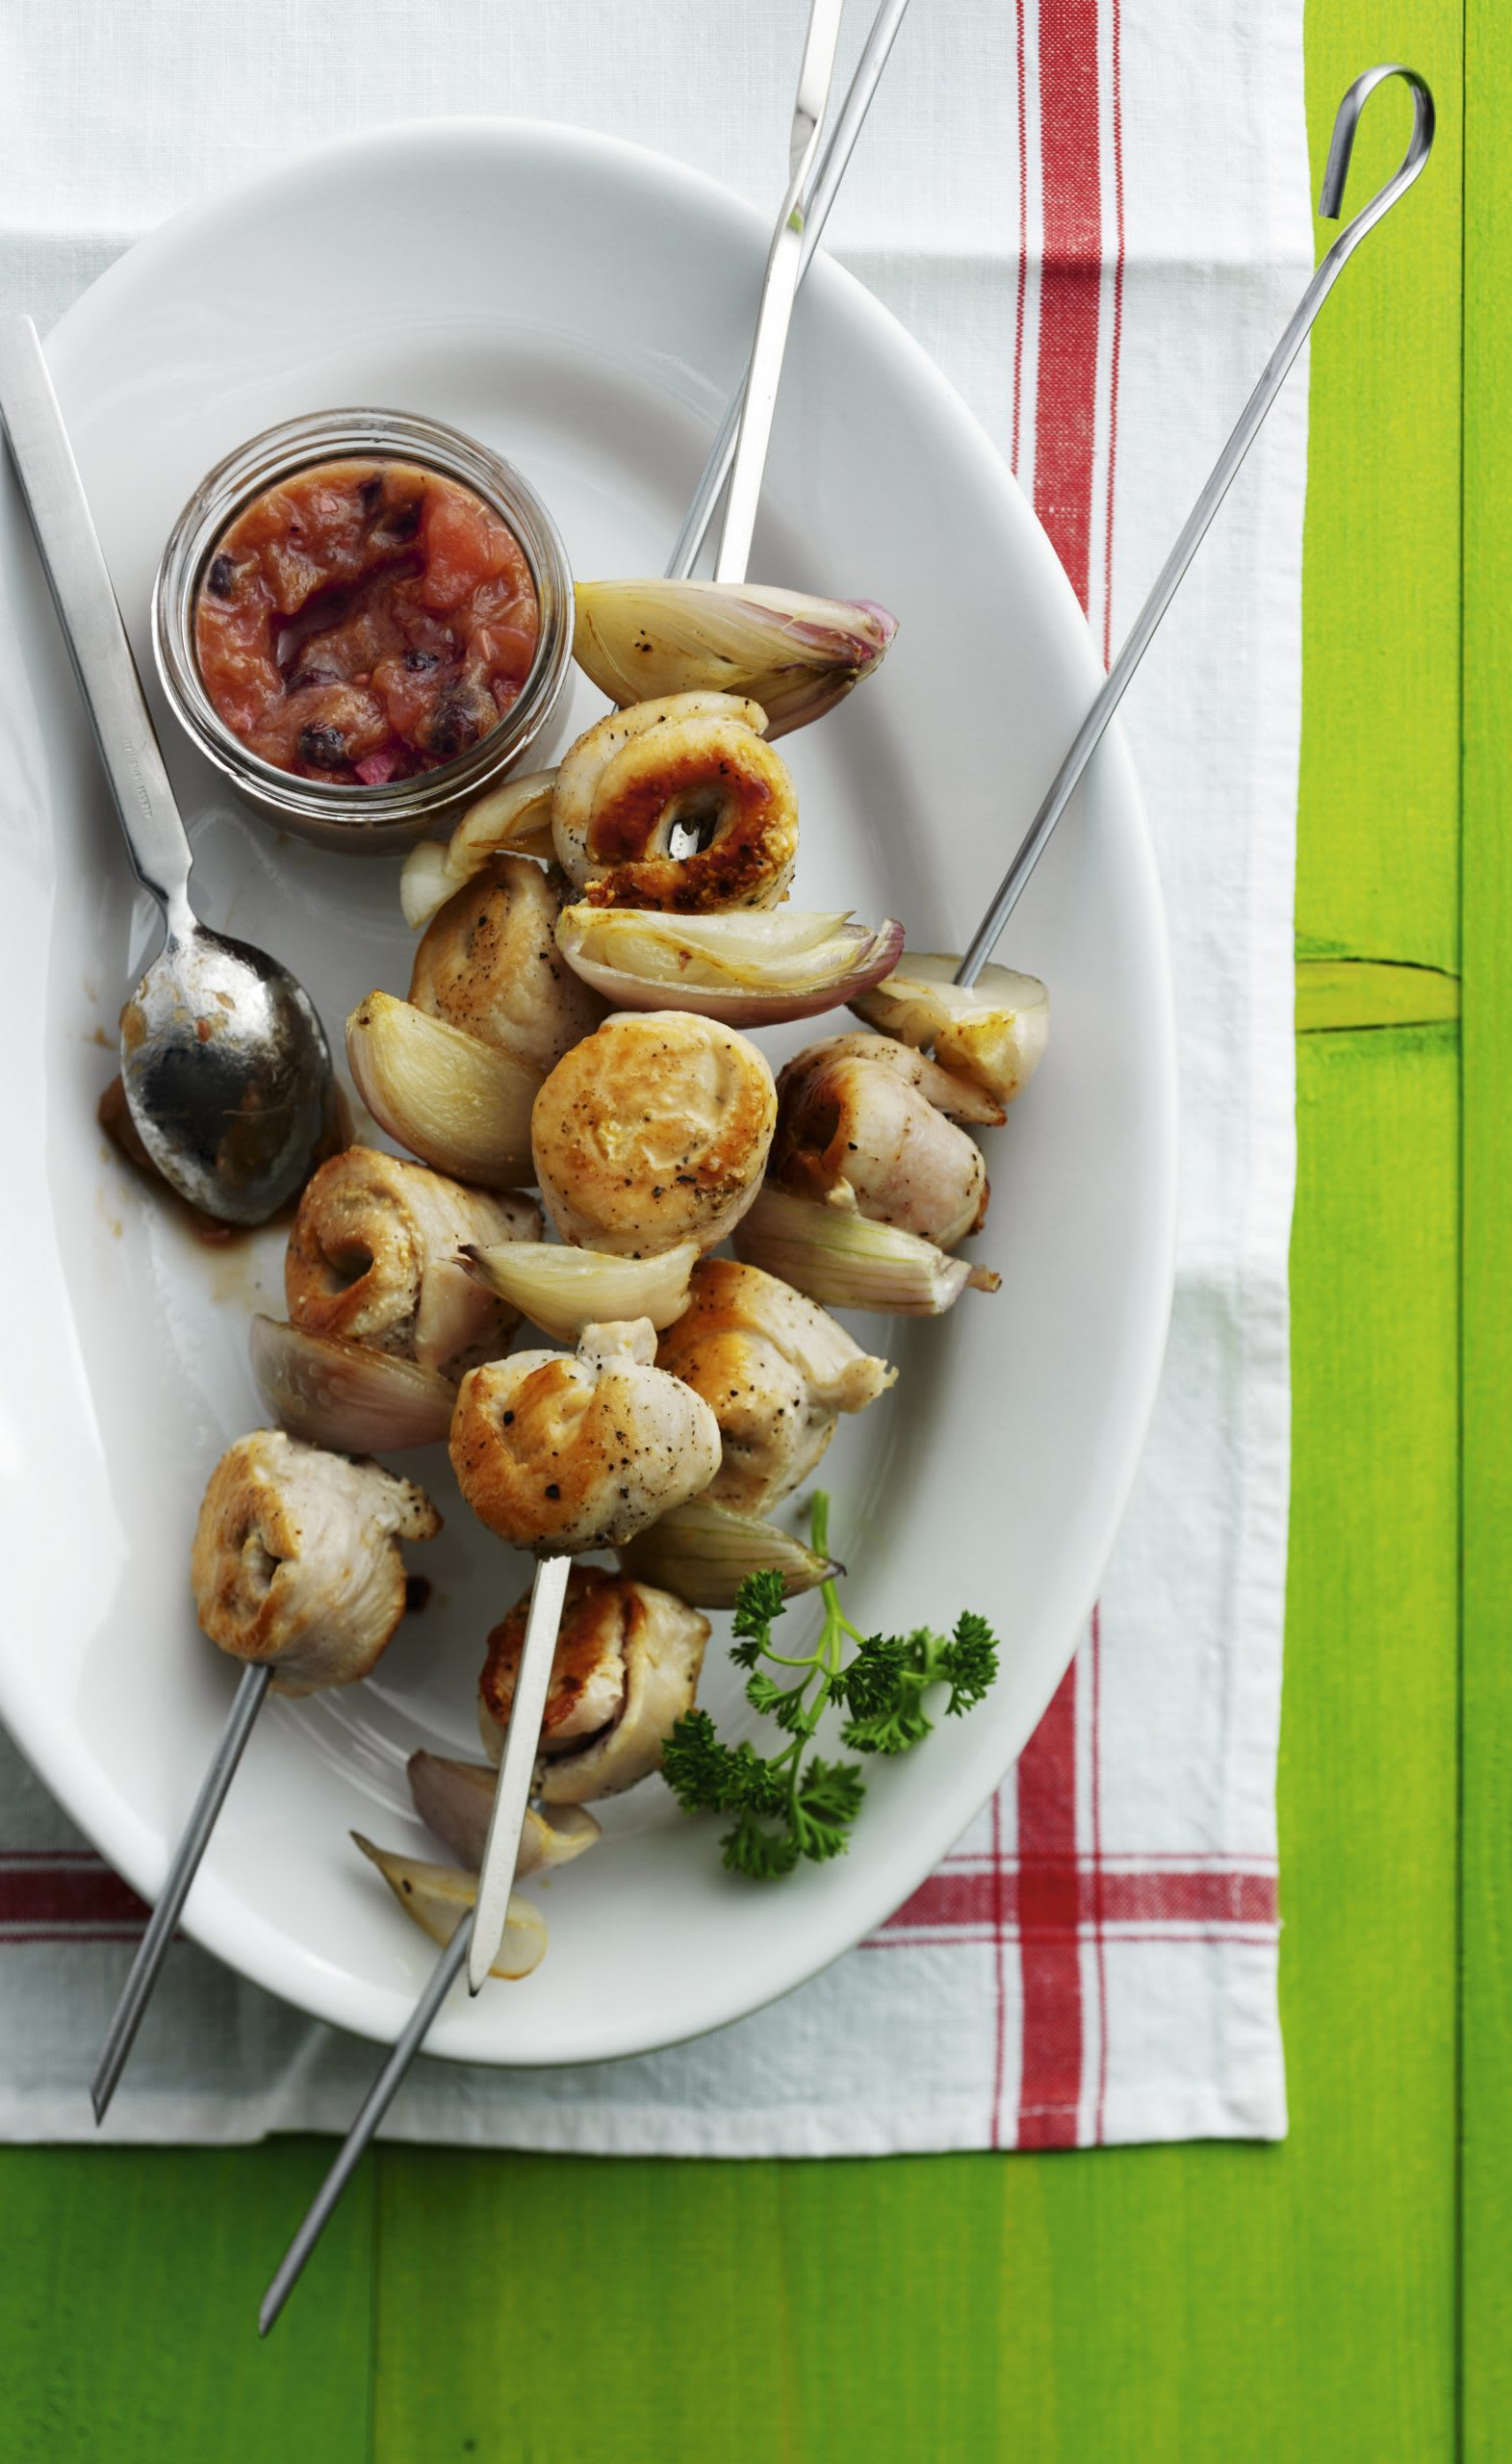 Brochettes de poulet et chutney de rhubarbe